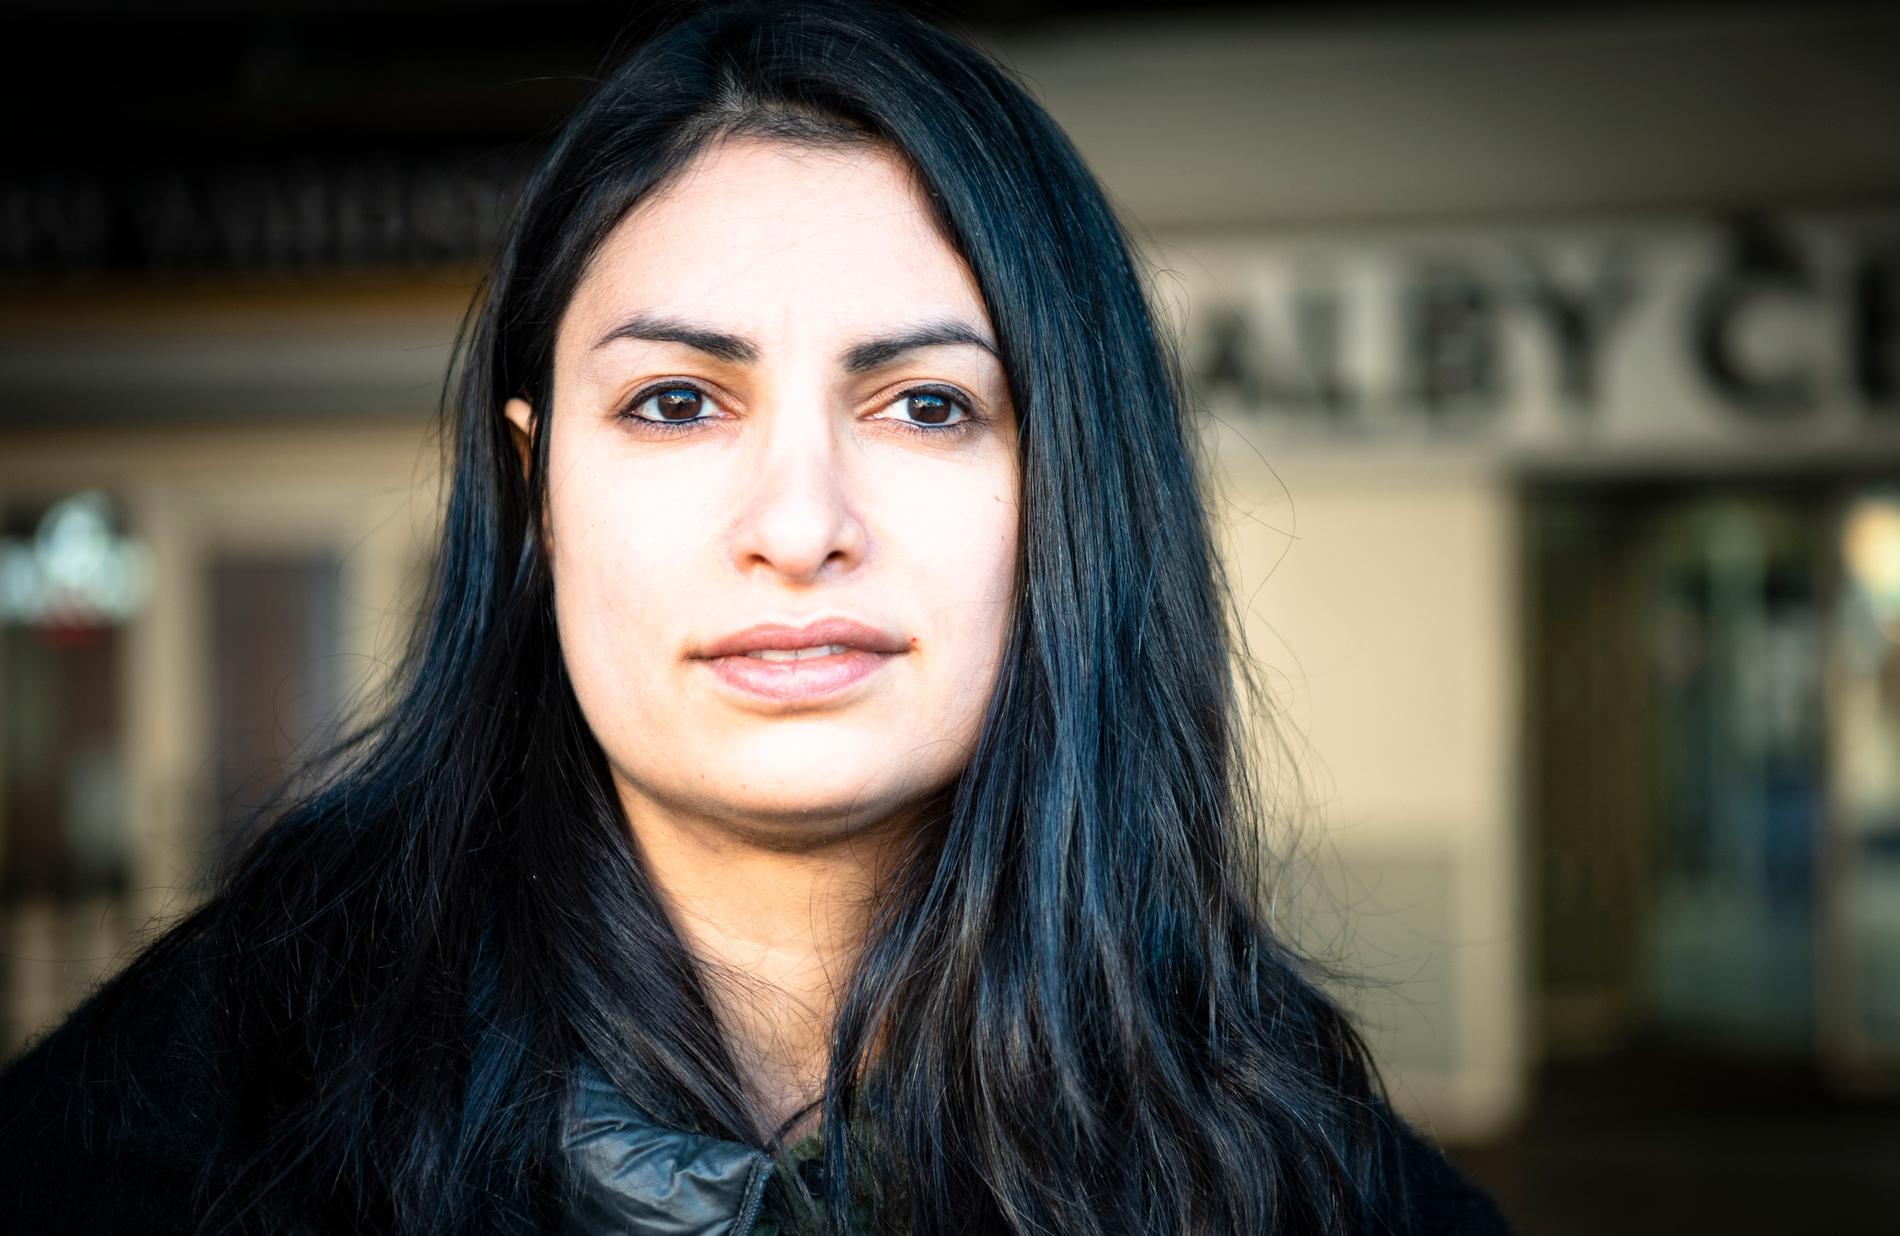 Nooshi Dadgostar föddes på en flyktingförläggning i Perstorp.